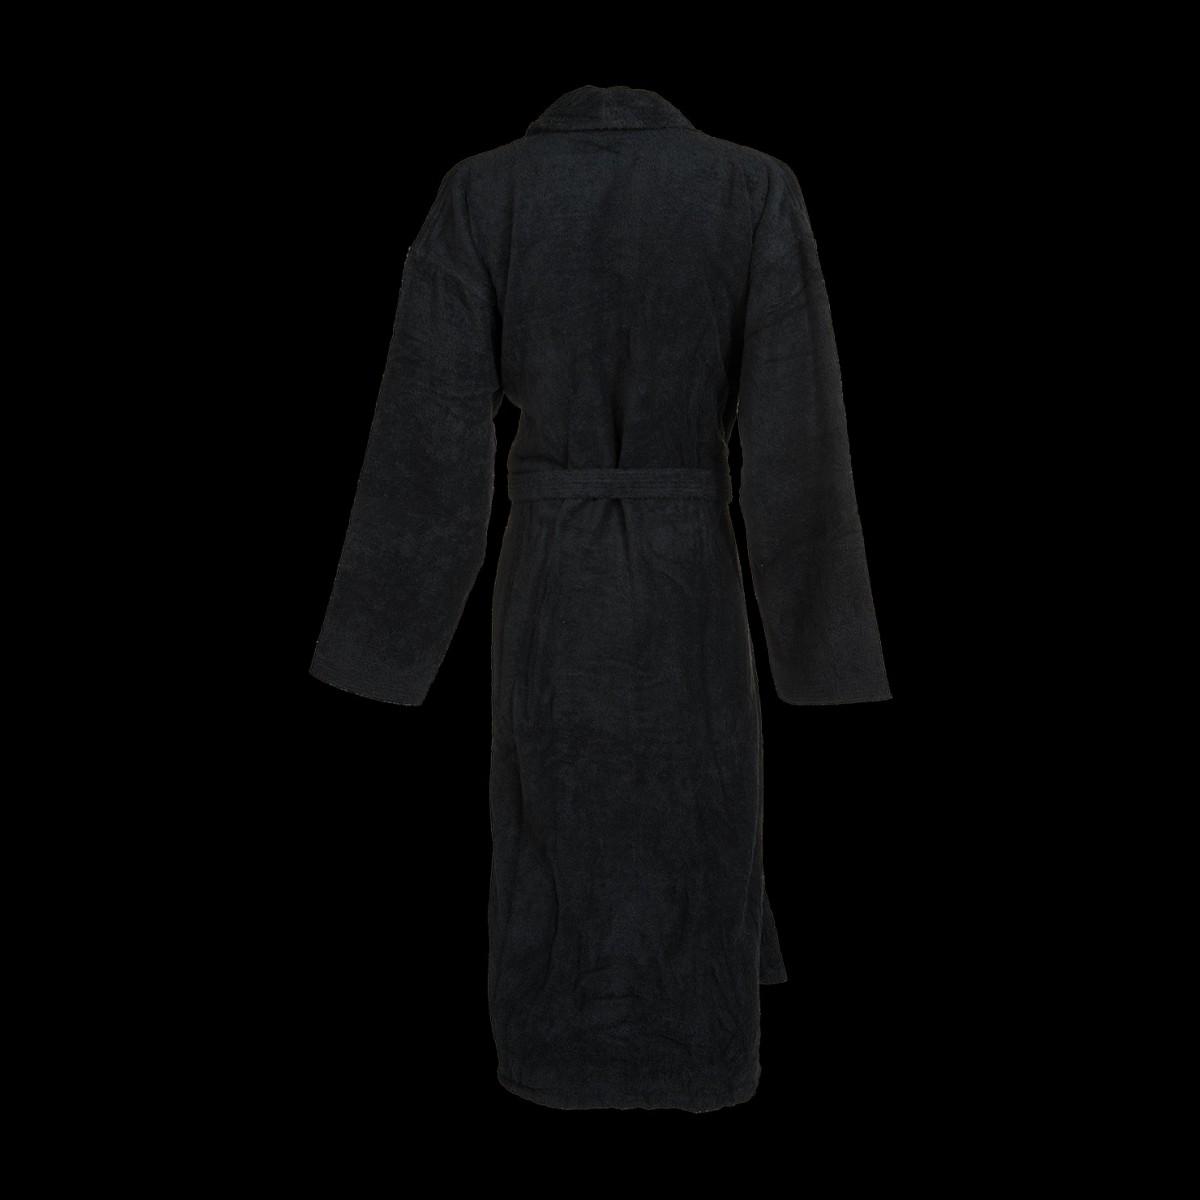 zwarte-grote-maten-badjas